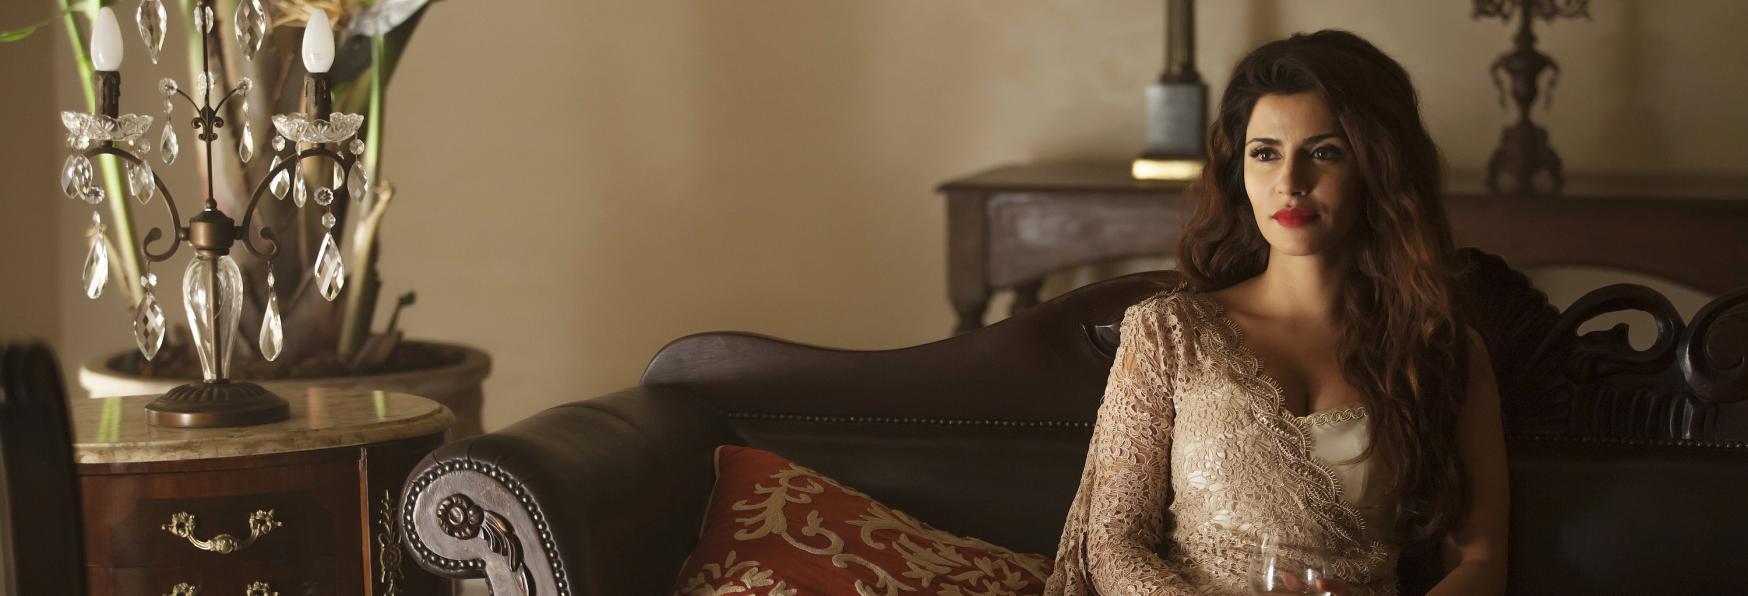 Batwoman: La Star di The Catch Shivani Ghai farà parte del Cast della Serie TV